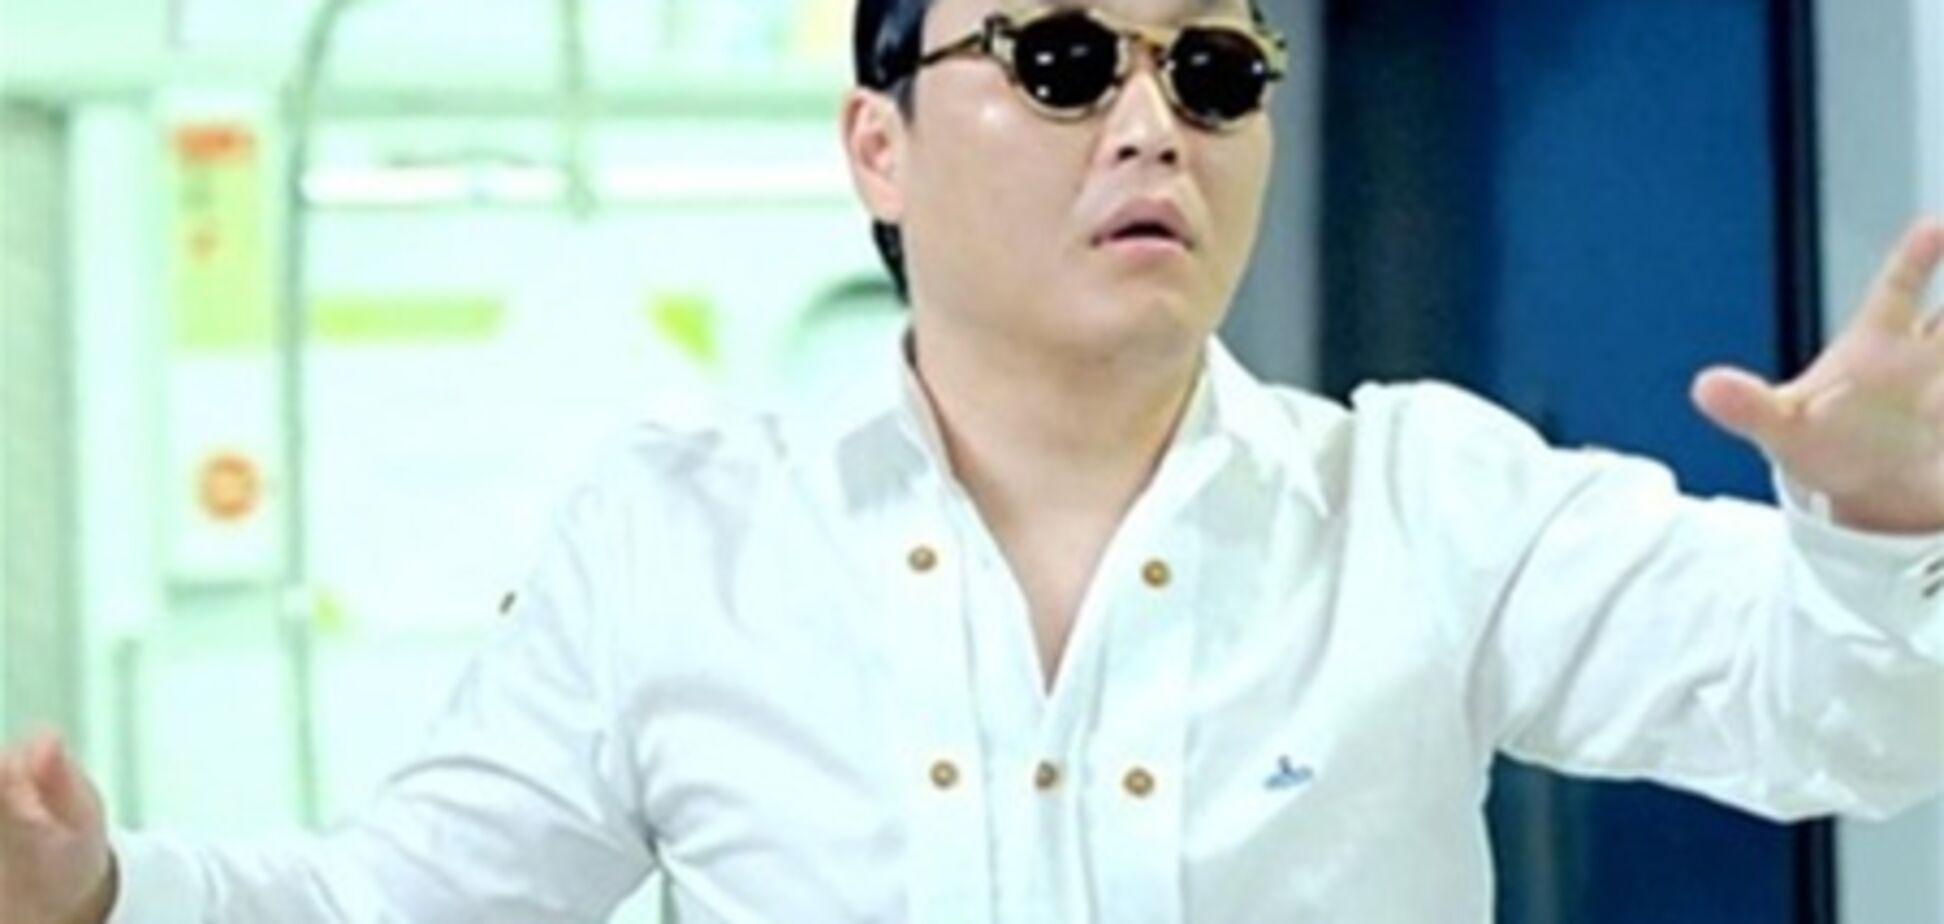 Новий канал познайомив репера PSY з його двійником. Фото